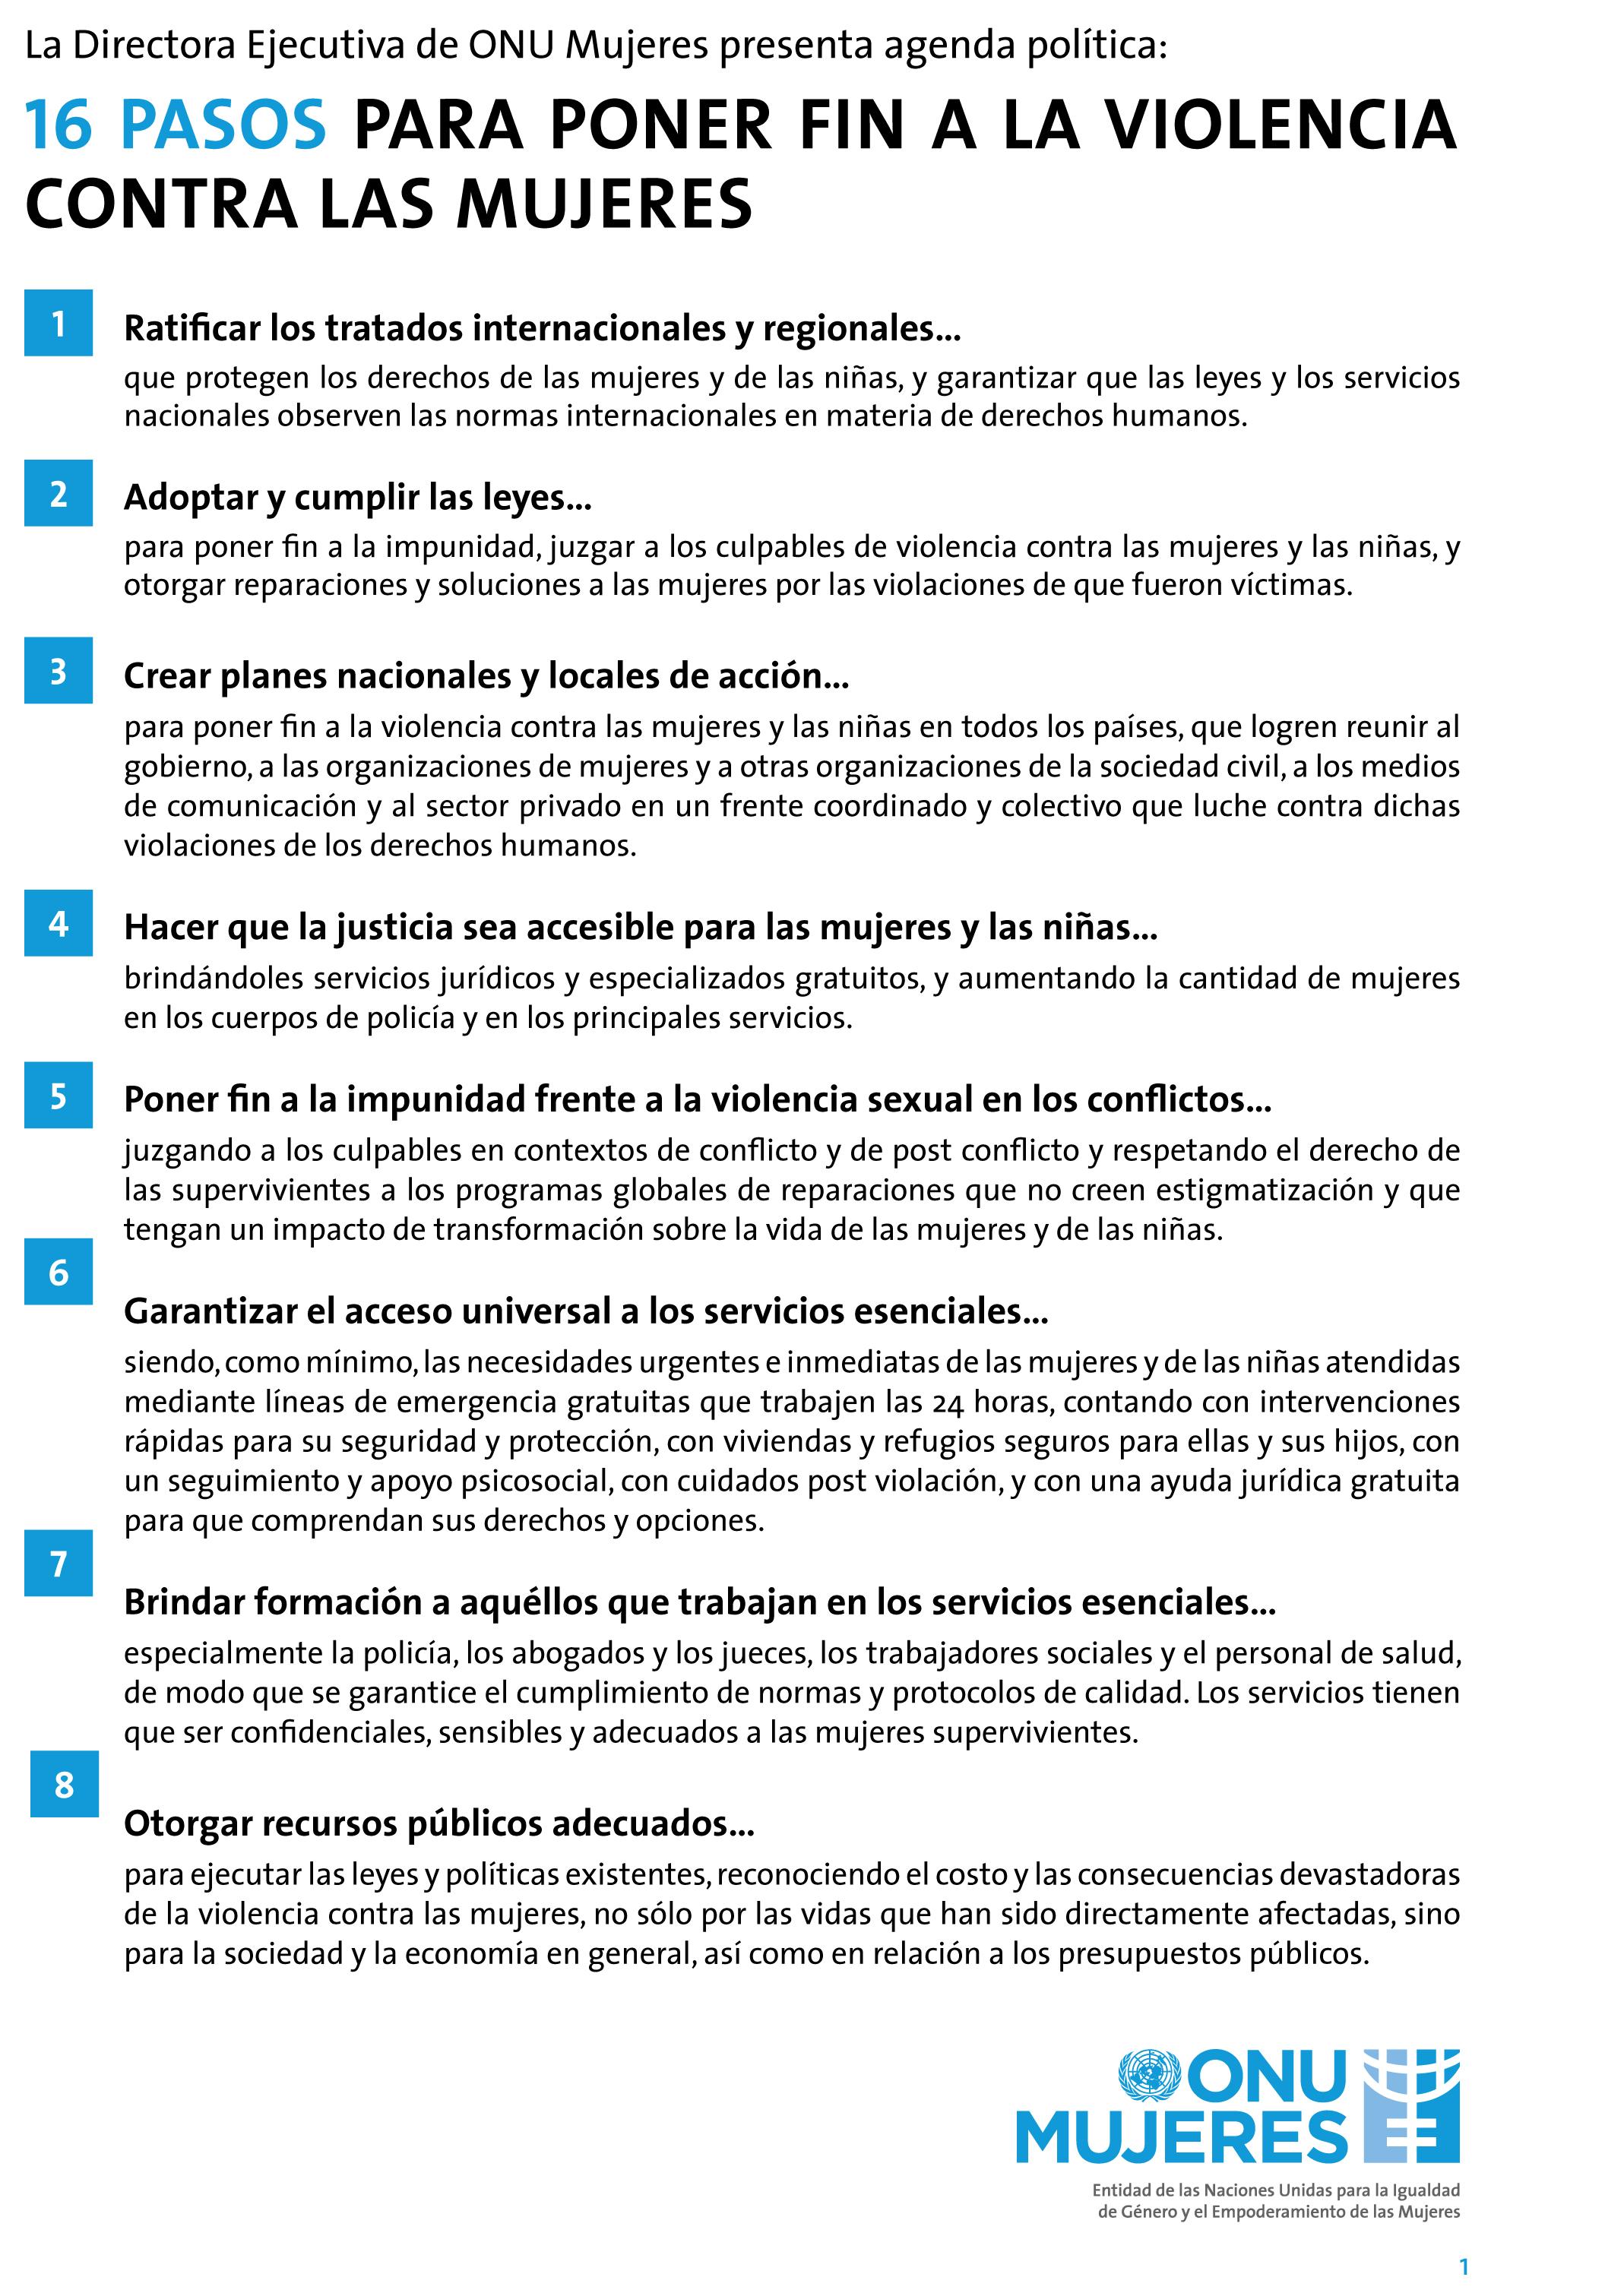 16 pasos para acabar con la violencia machista